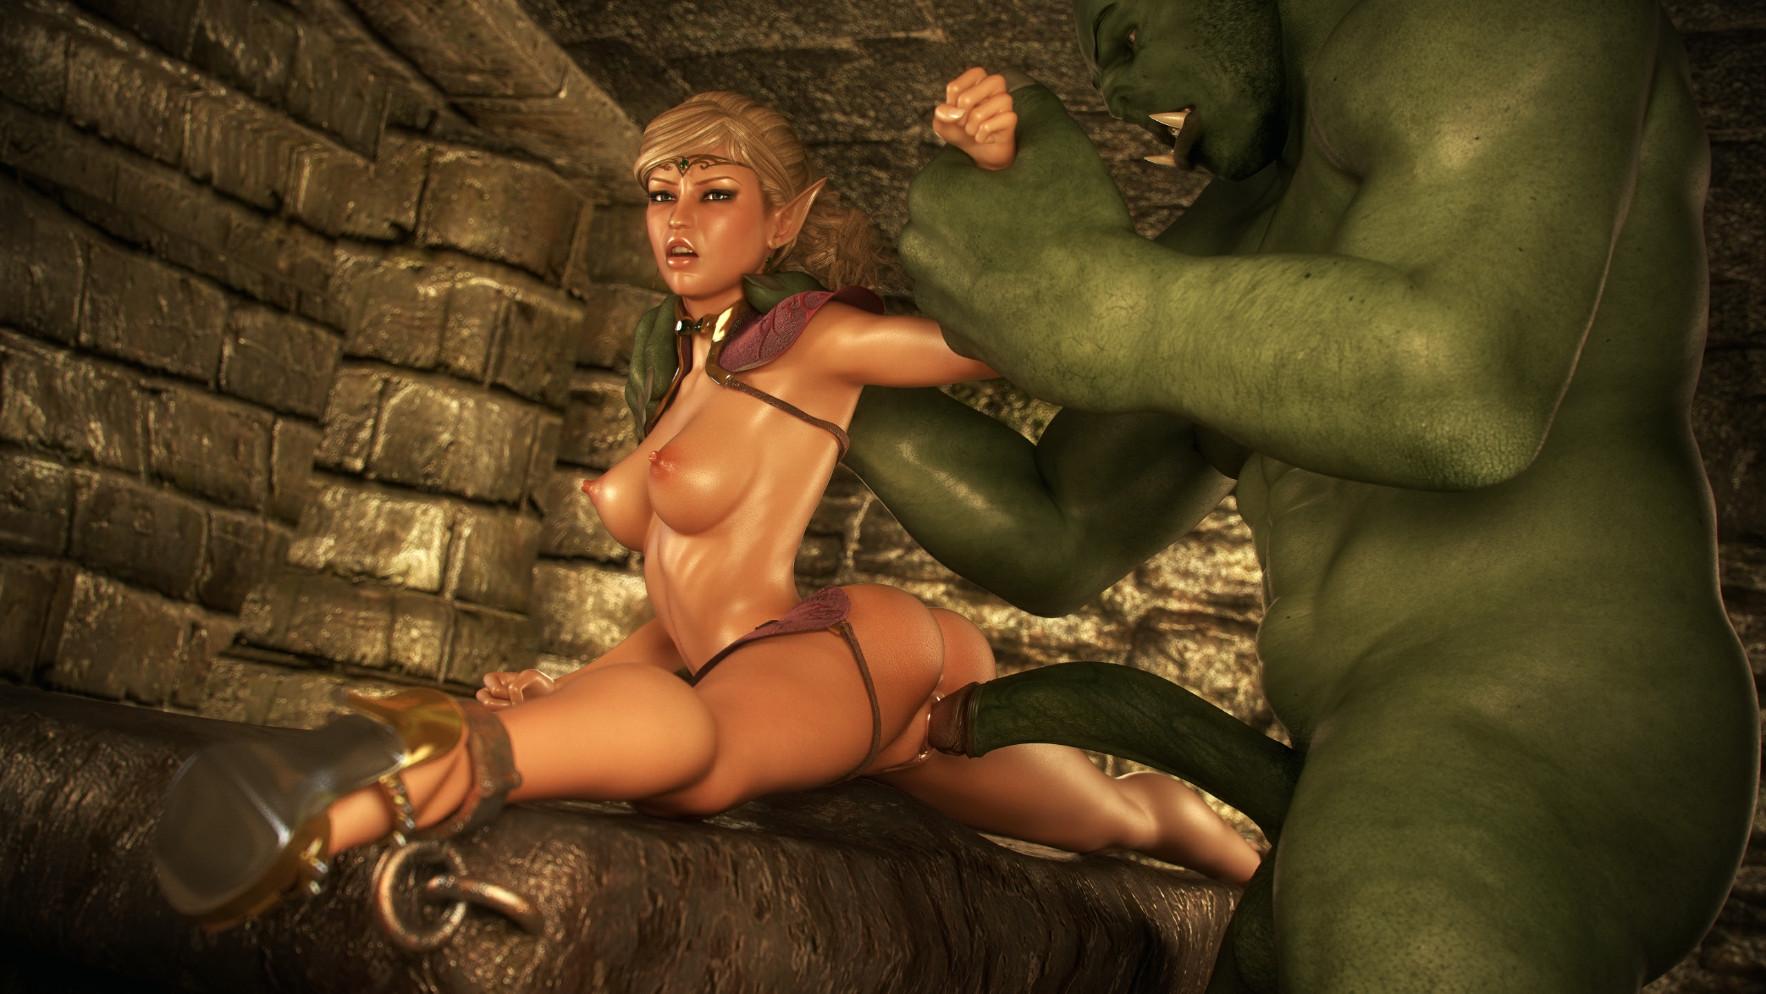 Смотреть порно на эльфов, эльфы » смотреть порно мультики, порно комиксы 14 фотография